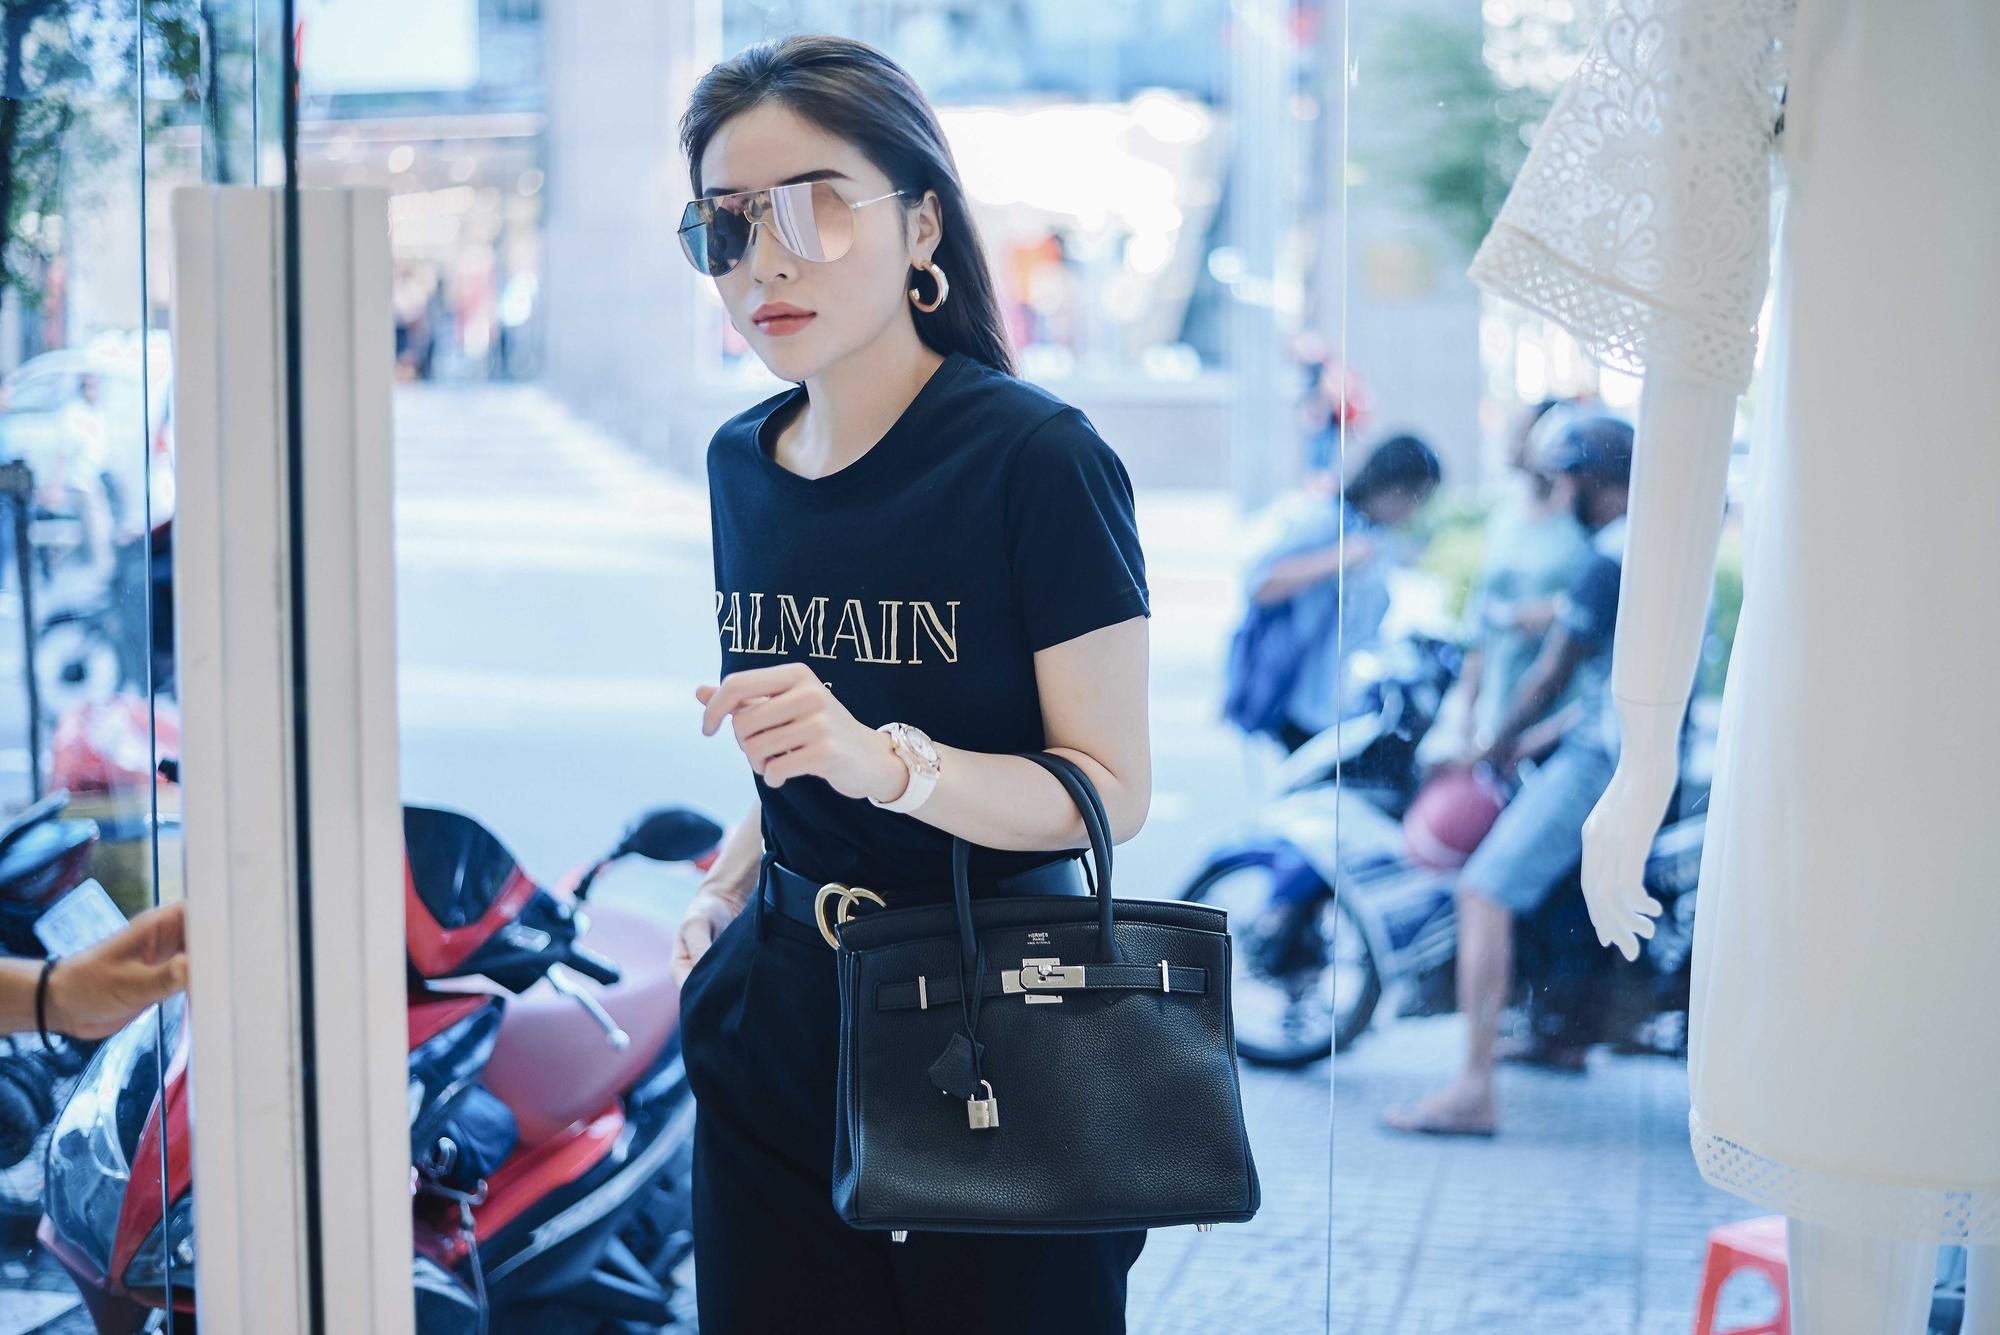 Kỳ Duyên ngày một ra dáng fashion icon, đọ sắc với Phạm Hương trong buổi thử đồ của NTK Adrian Anh Tuấn - Ảnh 5.